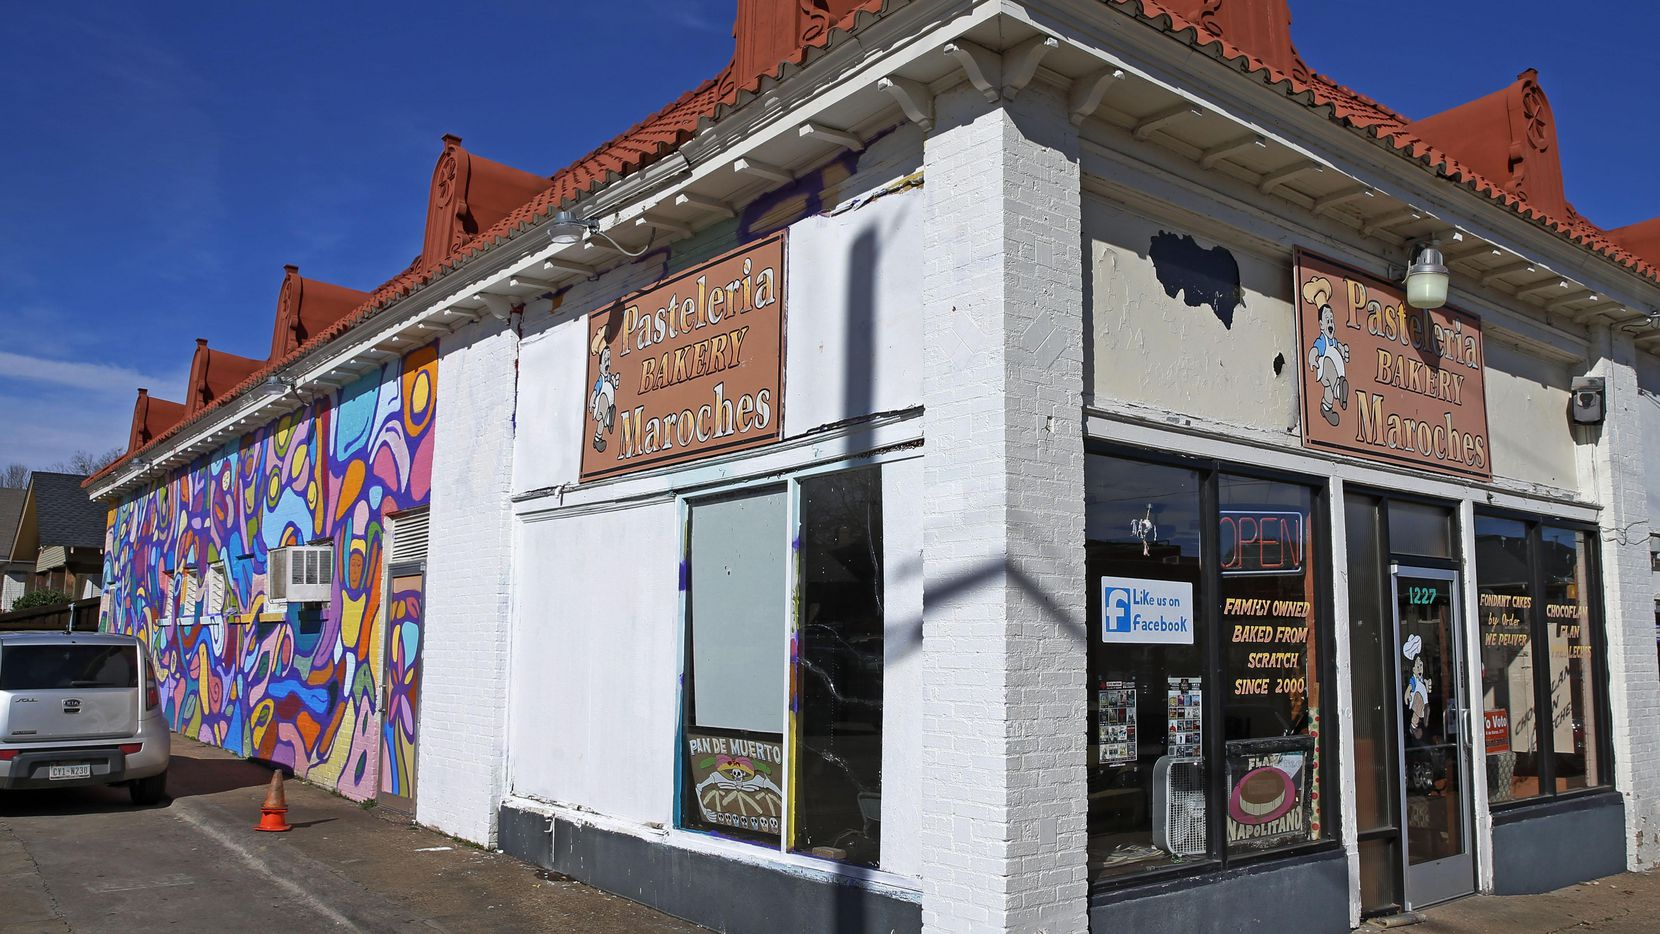 El mural de Maroches Bakery en West Davis Street empezó a ser borrado mientras duraba la disputa con la ciudad. (DMN/JAE S. LEE)